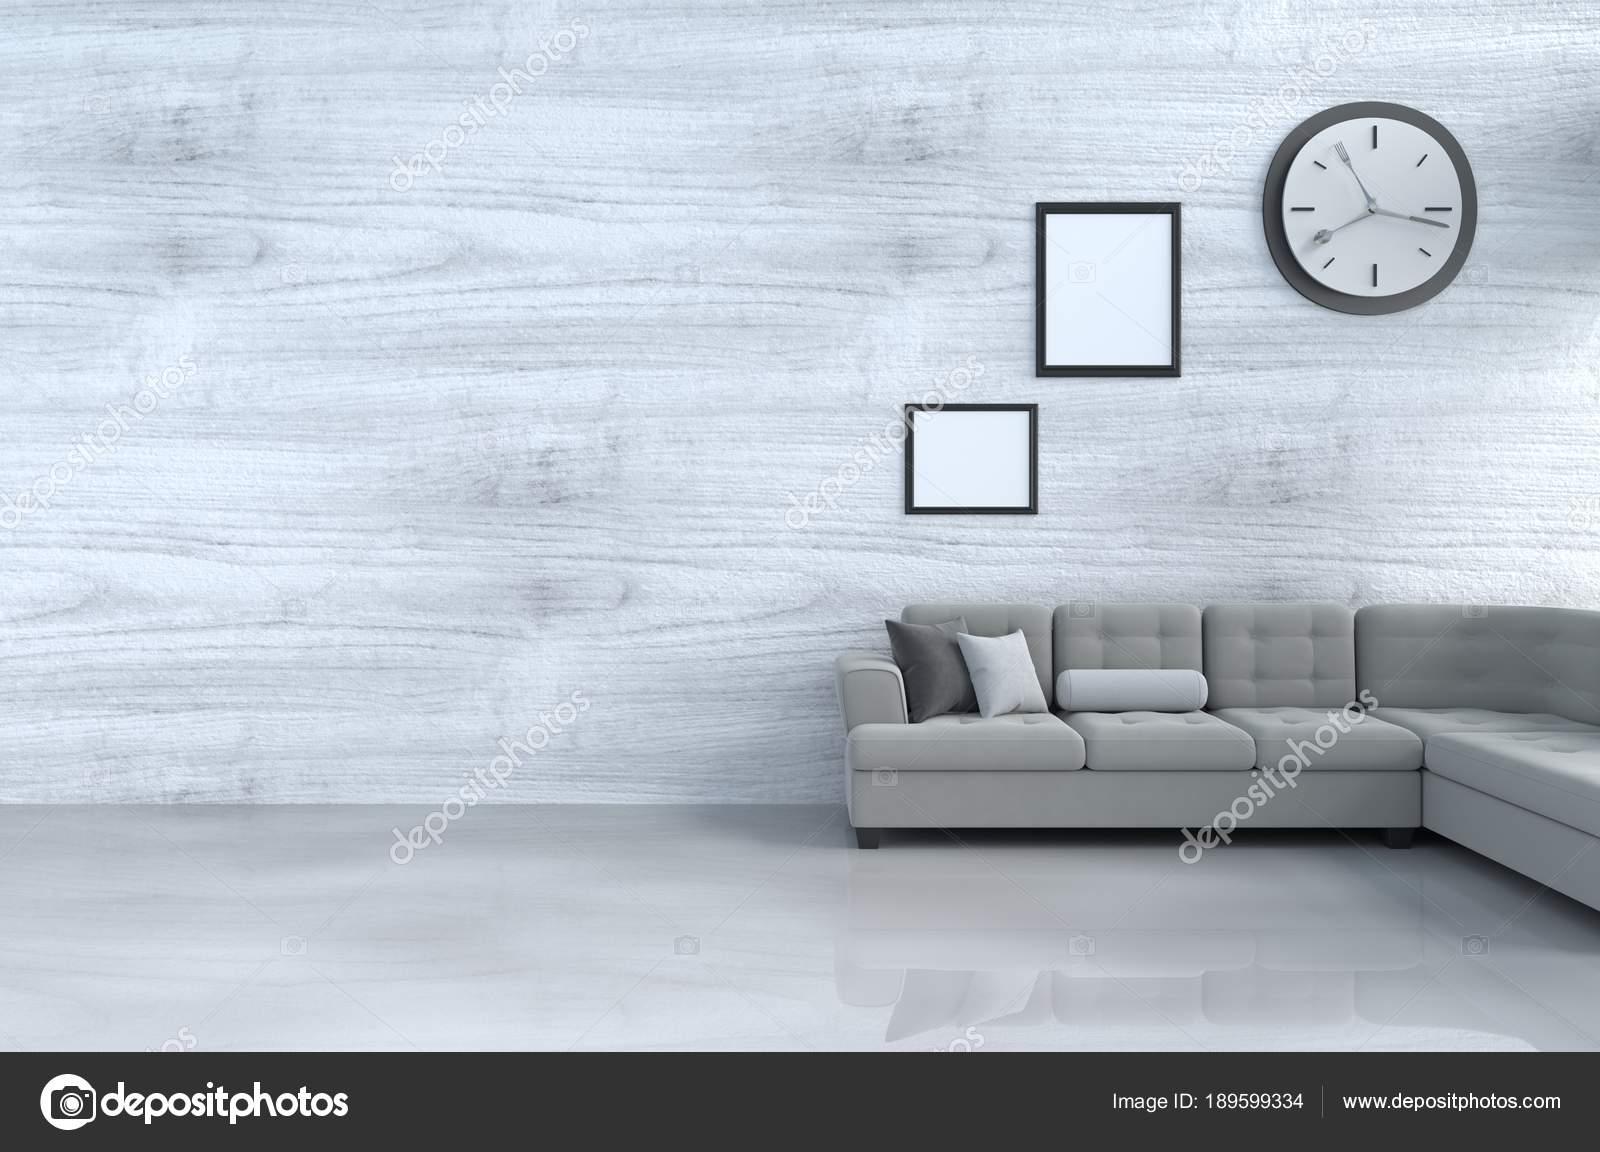 Grau Weiß Wohnzimmer Dekor Mit Grauen Sofa Wanduhr Weiße Holz U2014 Stockfoto